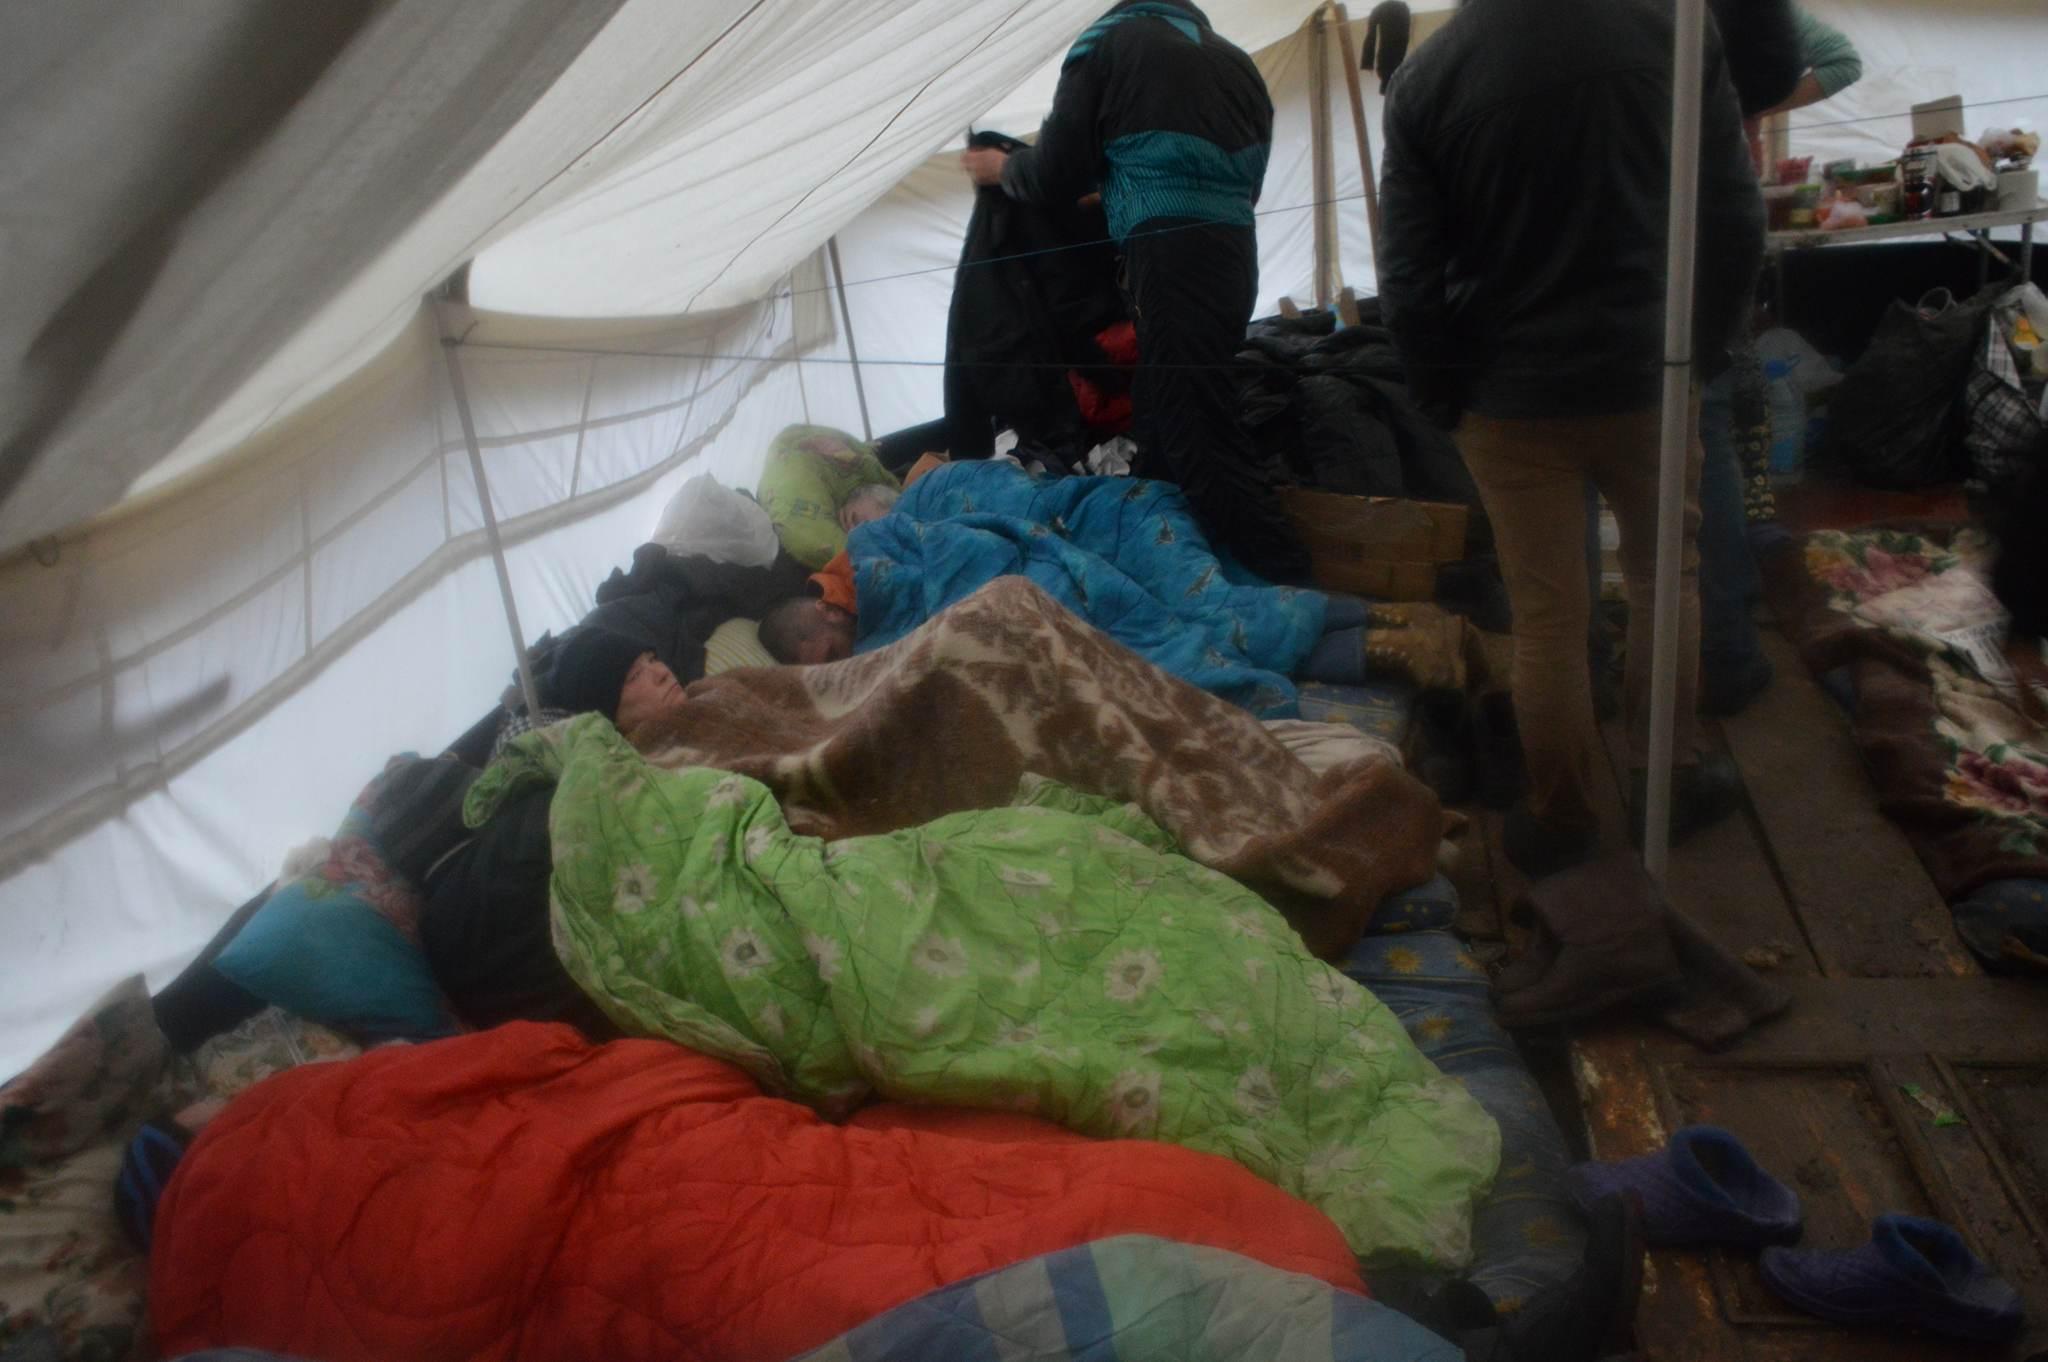 Непогода в Одессе: как бездомные спасаются от дождя и холода